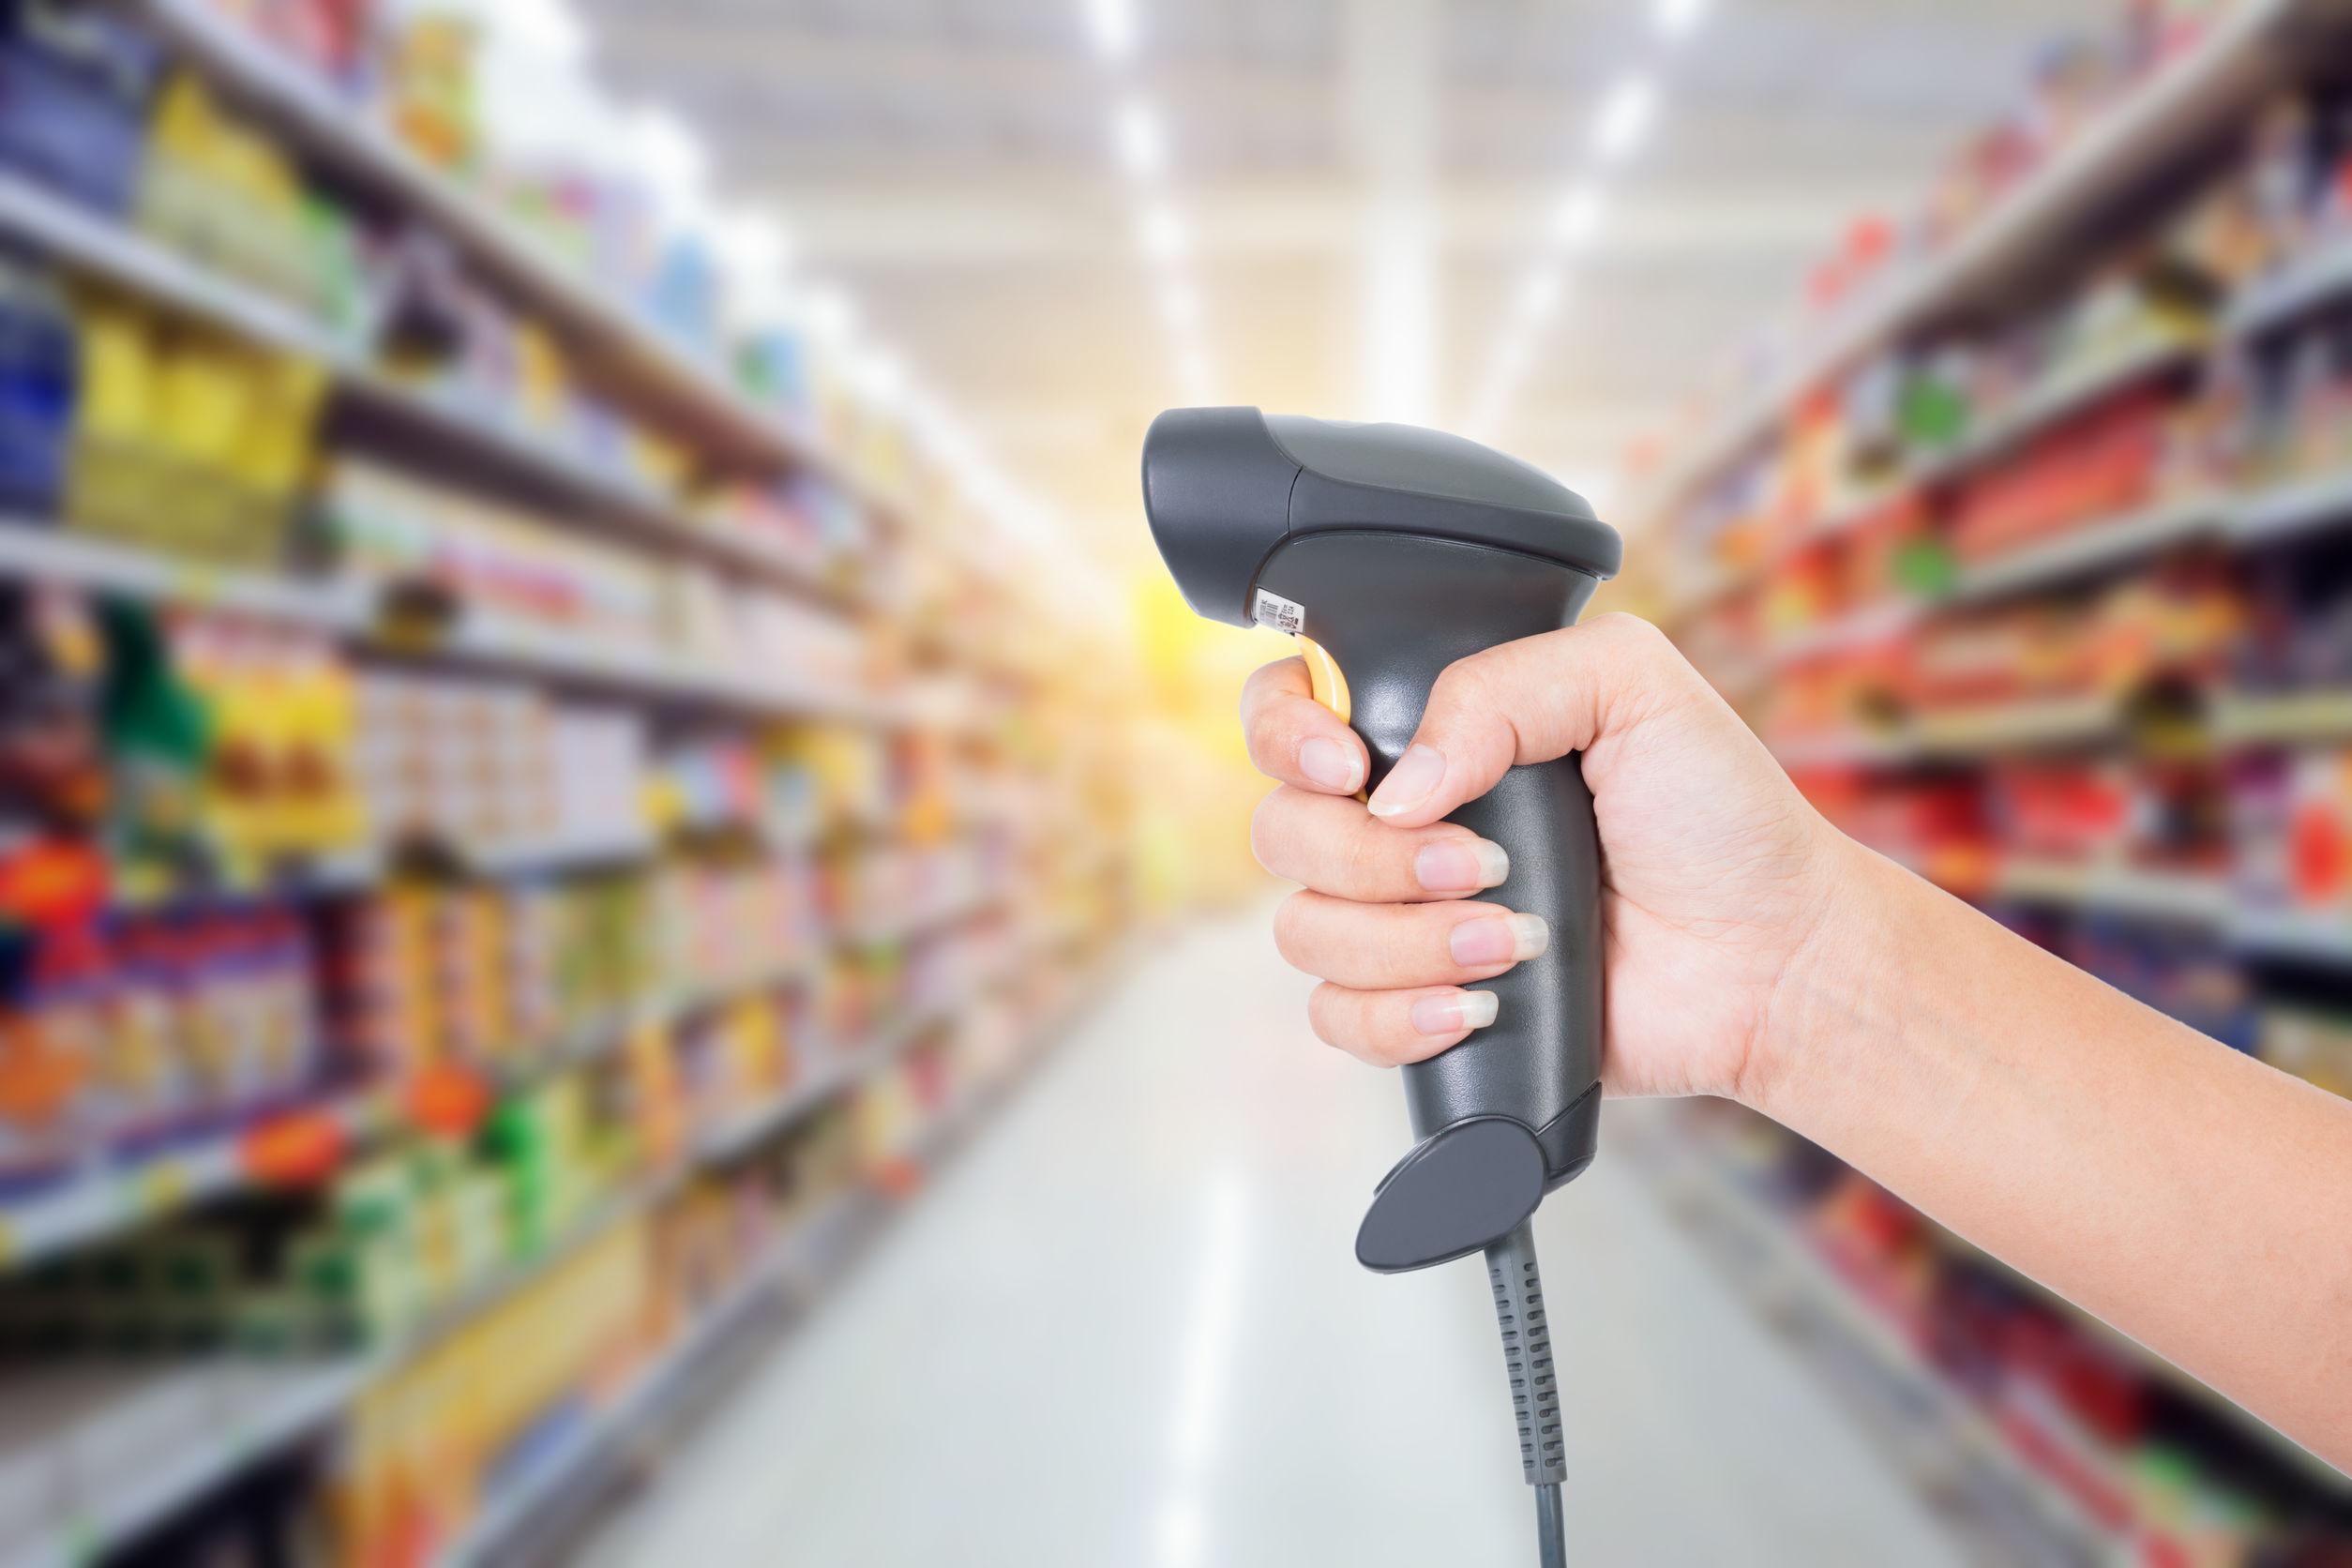 Imagem mostra uma pessoa segurando um leitor de código de barras em um supermercado.